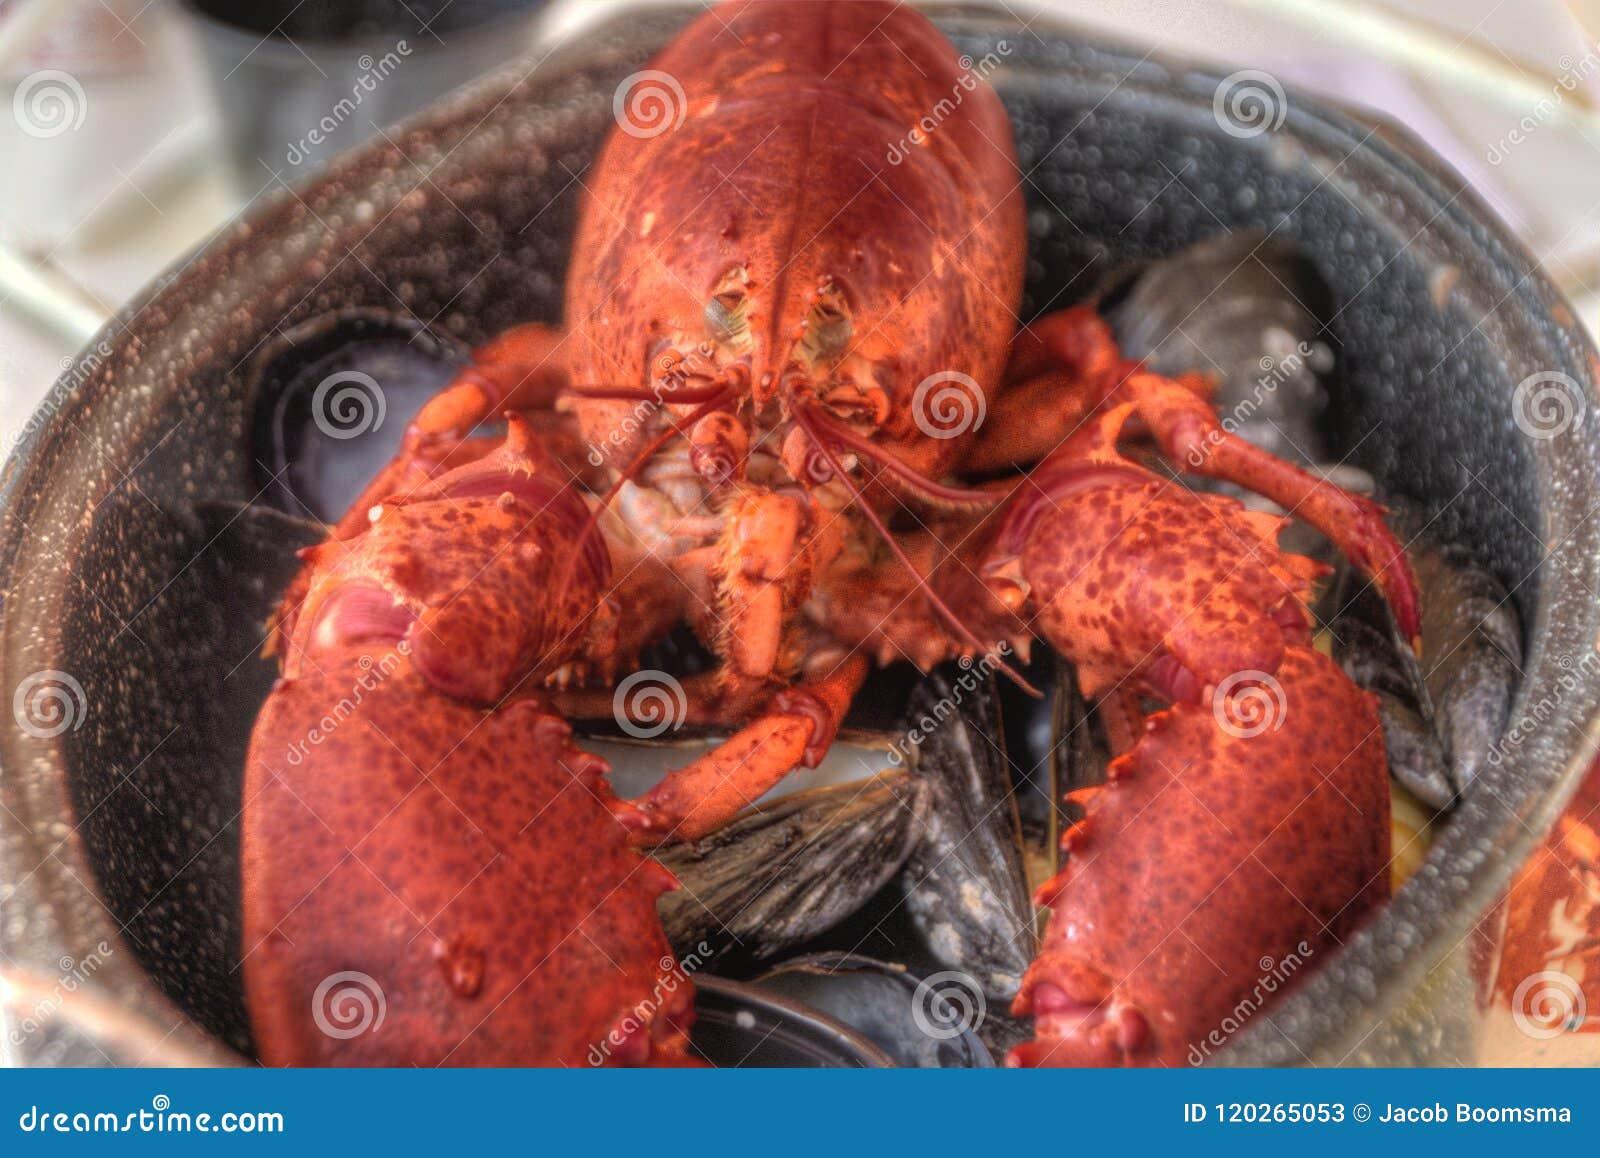 Омар зажаренный целым с моллюском мидии в баке